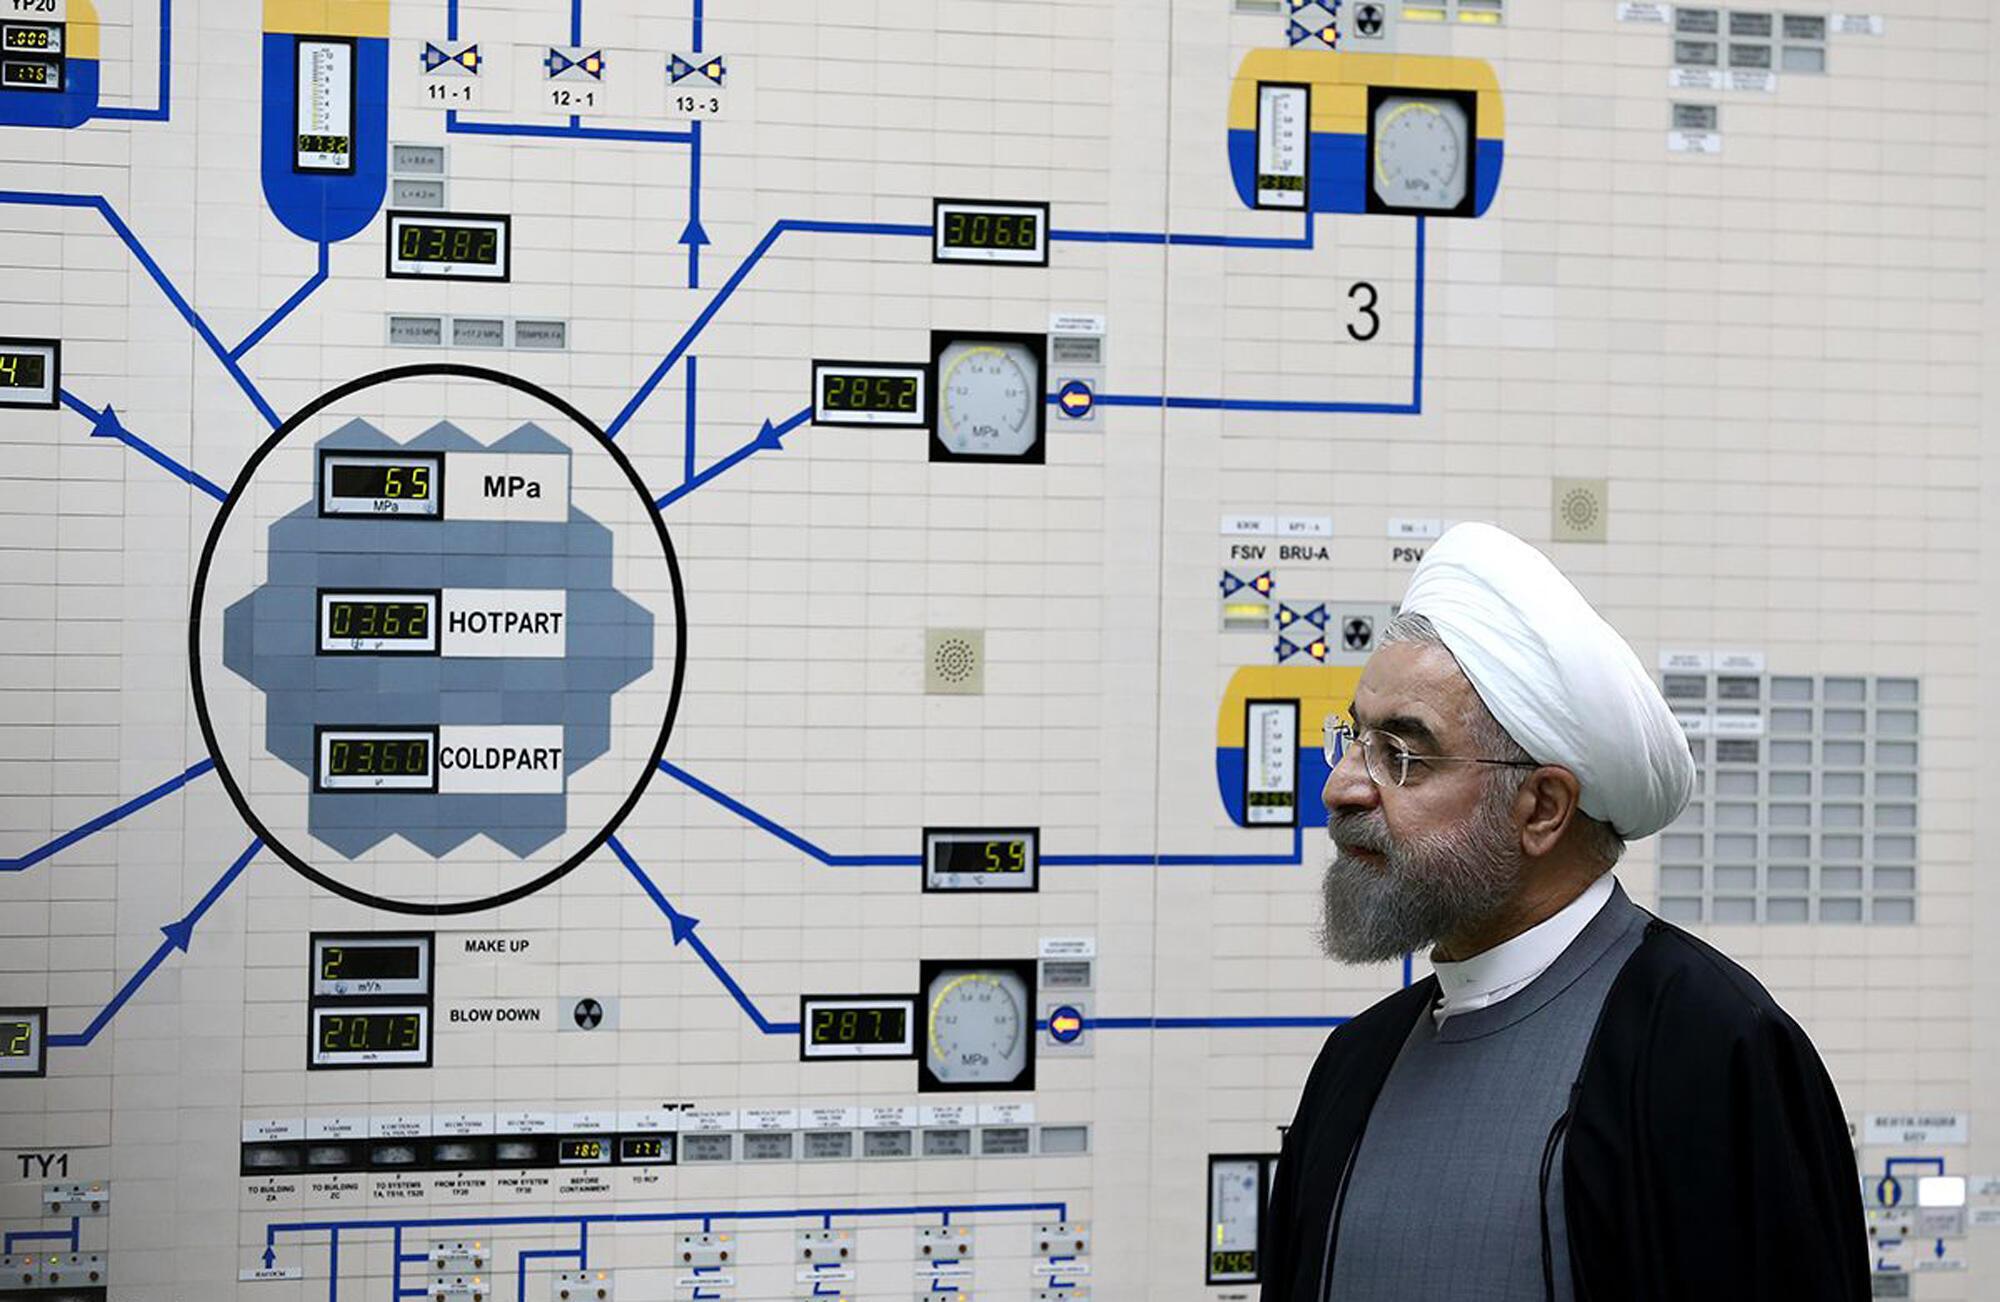 Le président de la République islamique d'Iran, Hassan Rohani, en 2015 dans la salle de contrôle de la centrale nucléaire de Bouchehr.